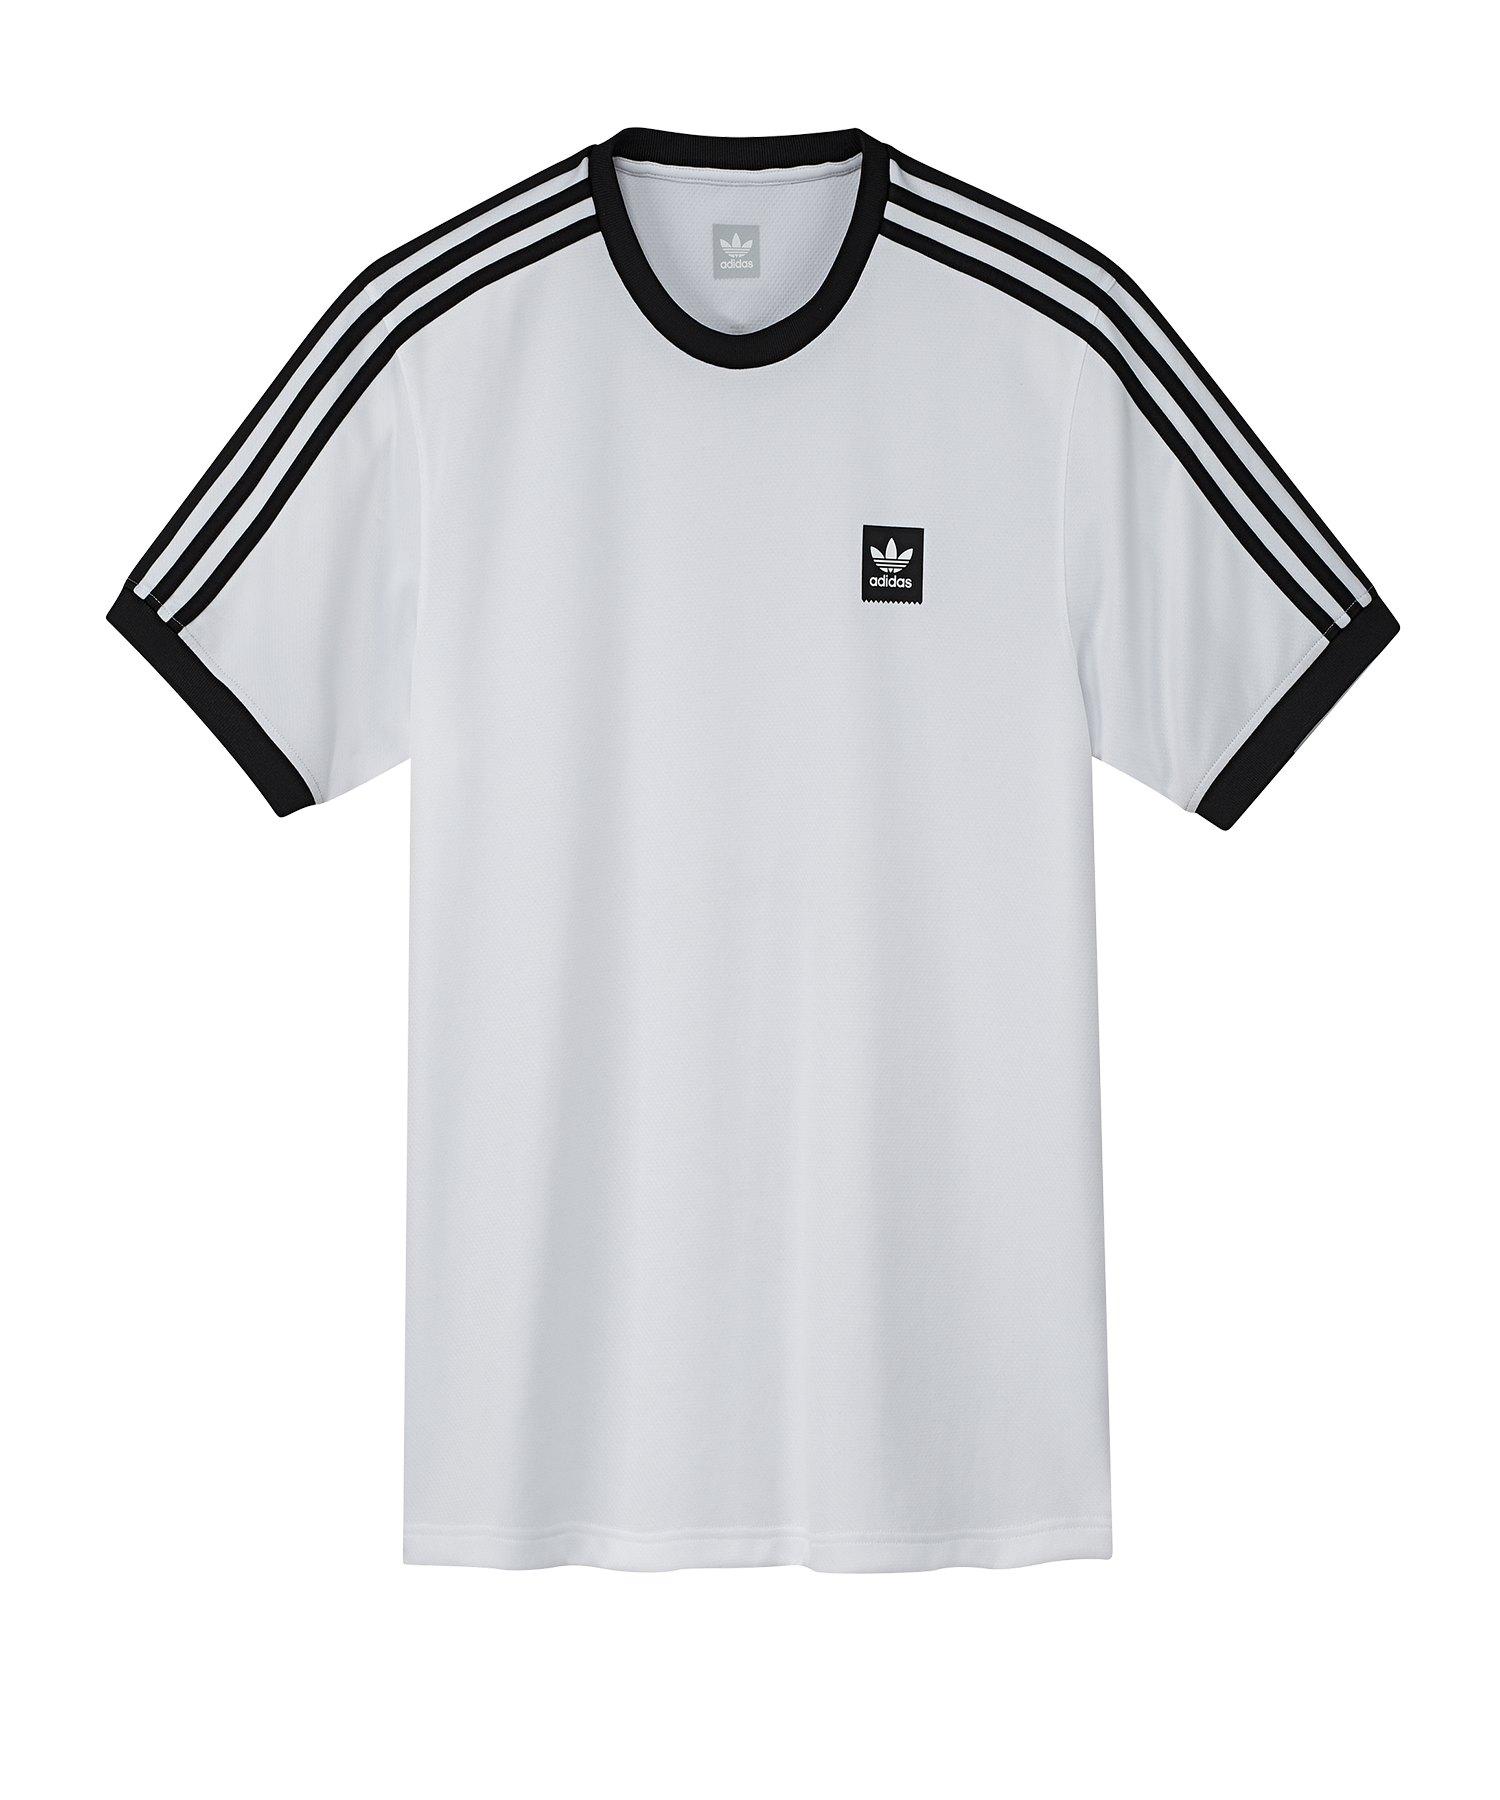 adidas Originals Club T Shirt Weiss Schwarz